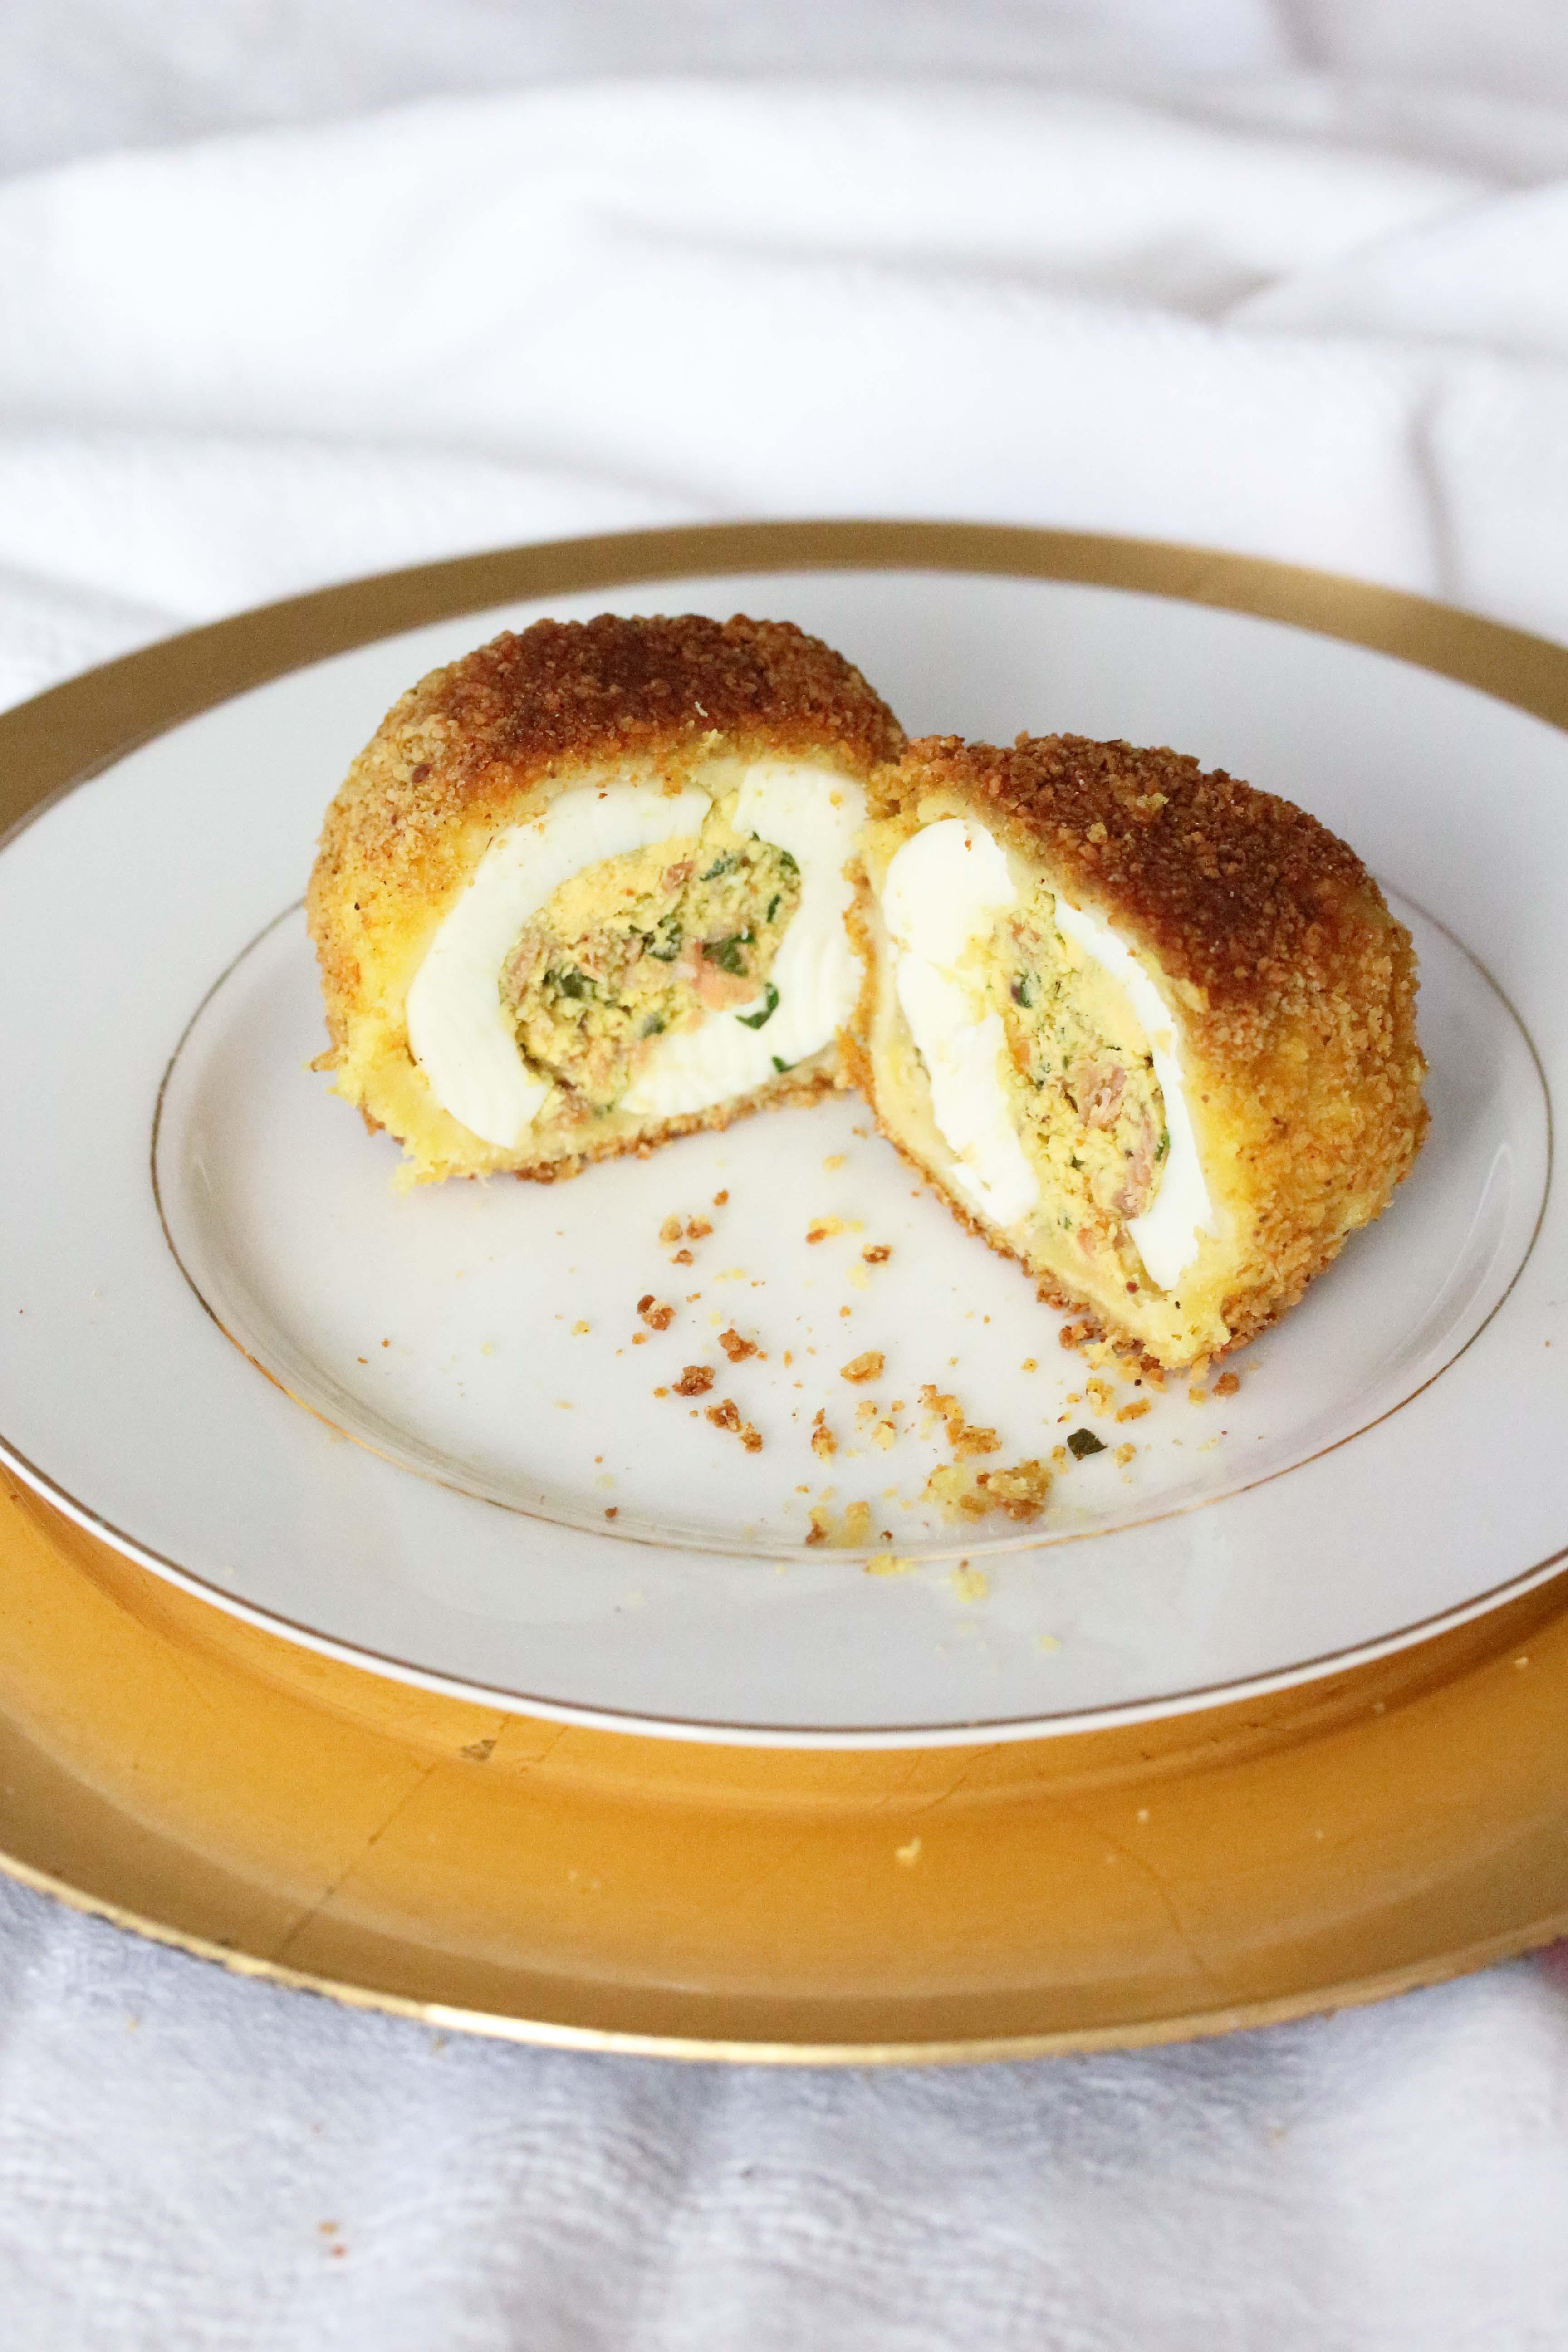 recette_oeuf_pane_fourre_saumon_poiretcactus.com1